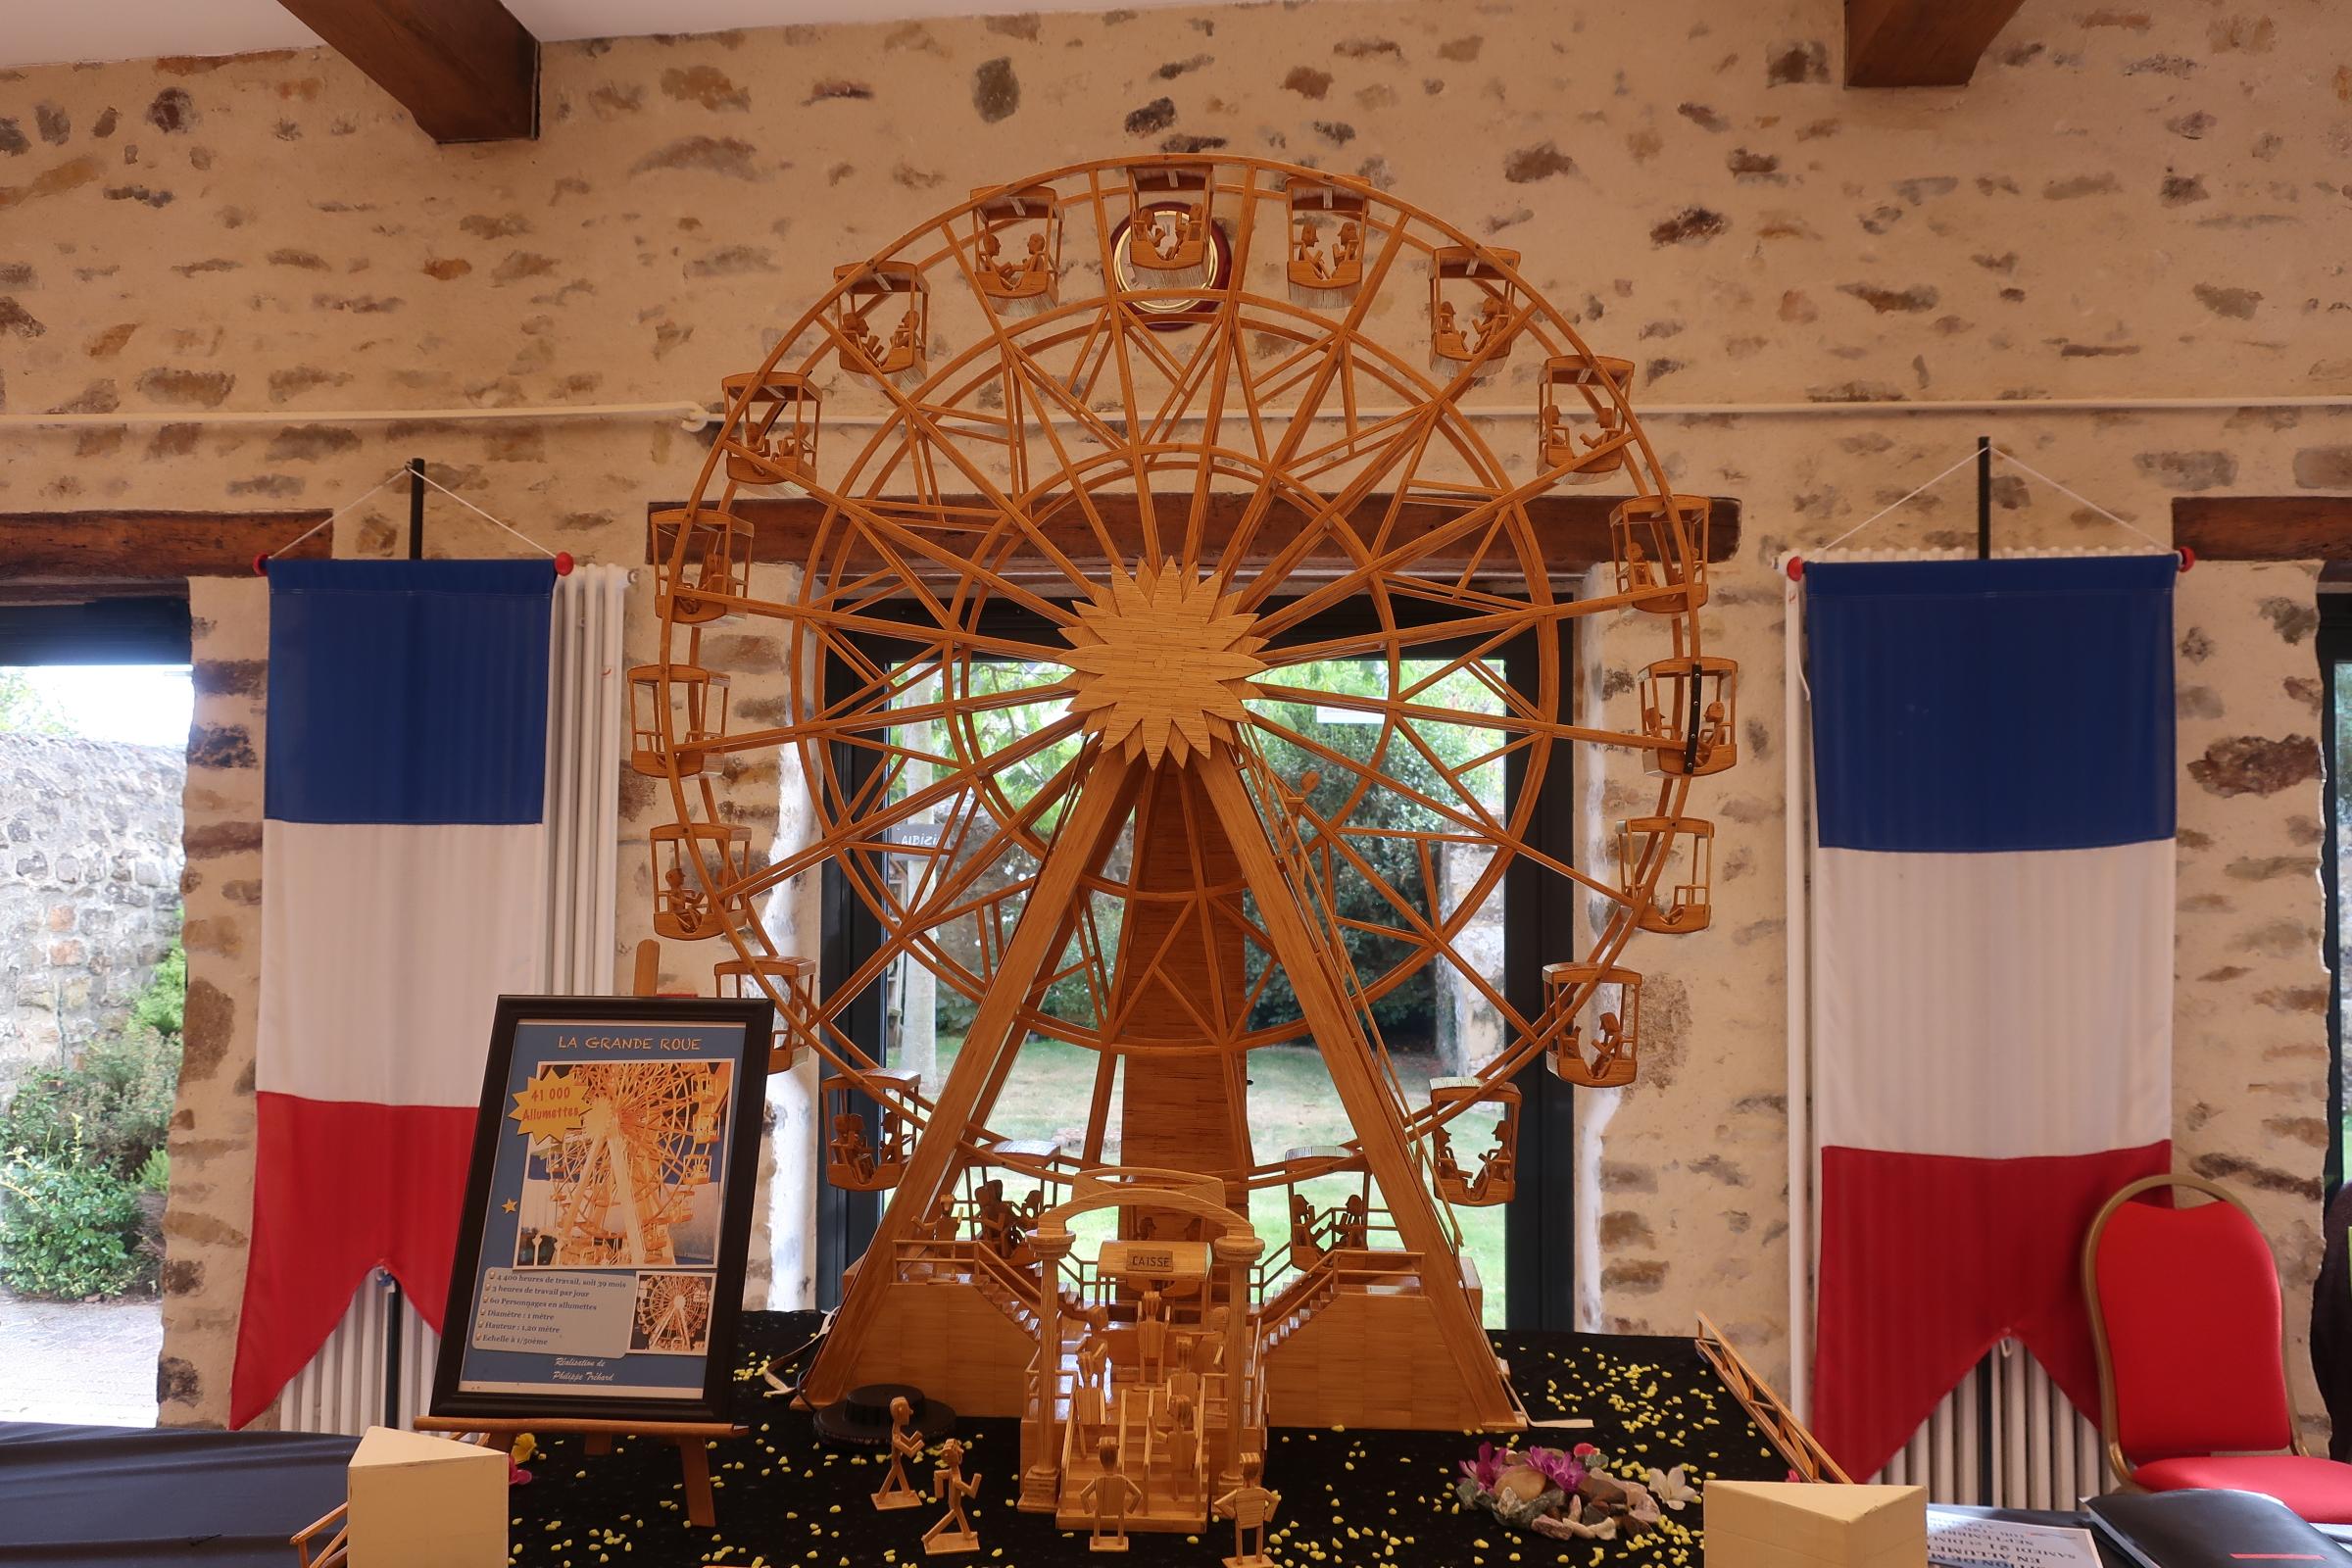 Une magnifique exposition de maquettes pour les journées du patrimoine à Sougé …